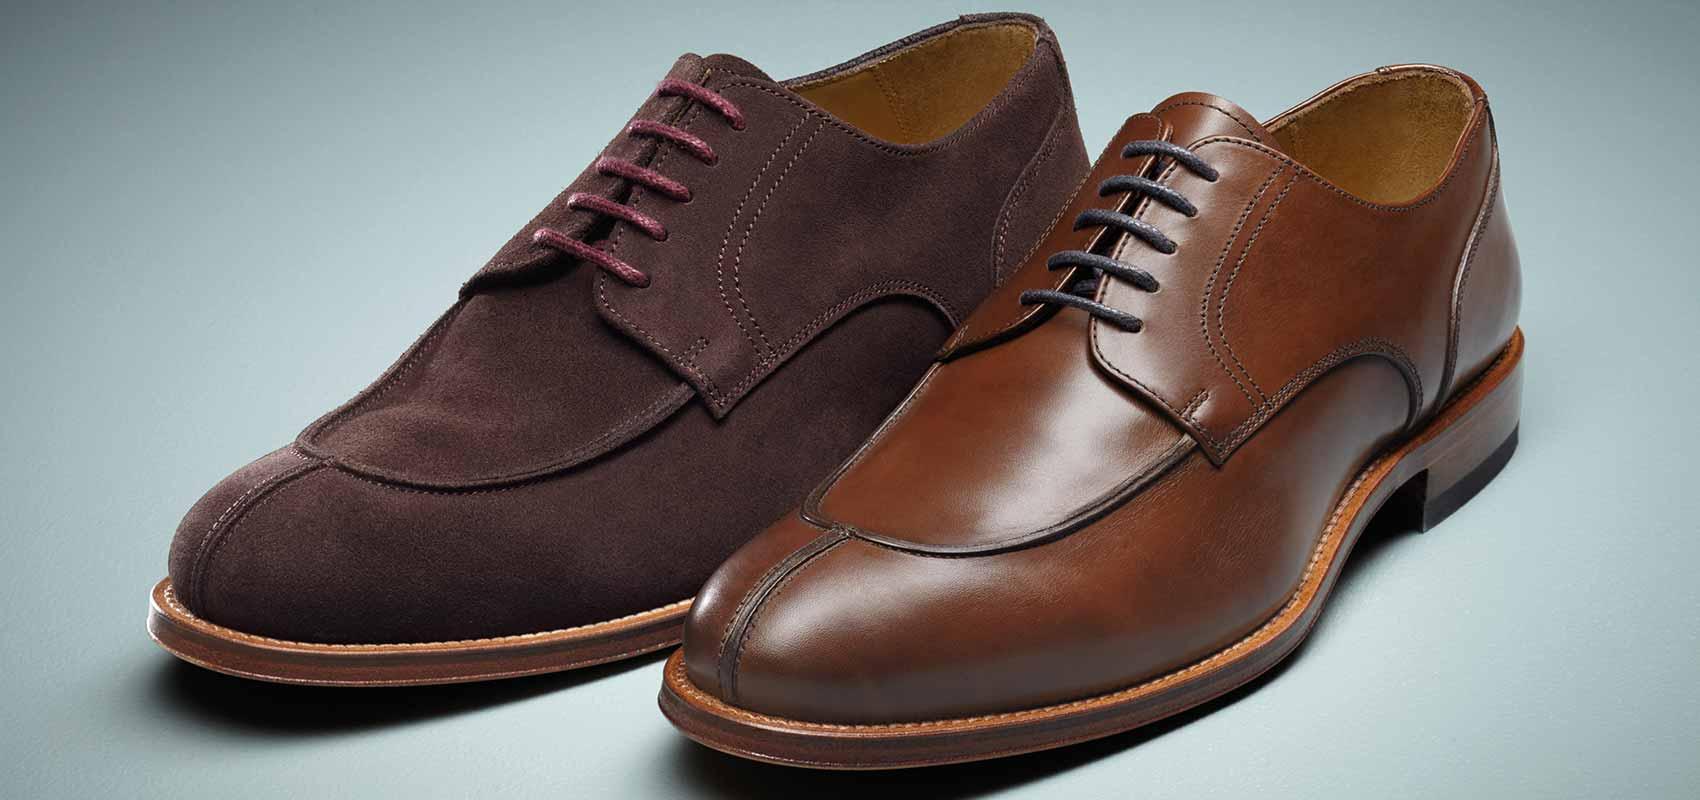 Charles Tyrwhitt Chaussures marron